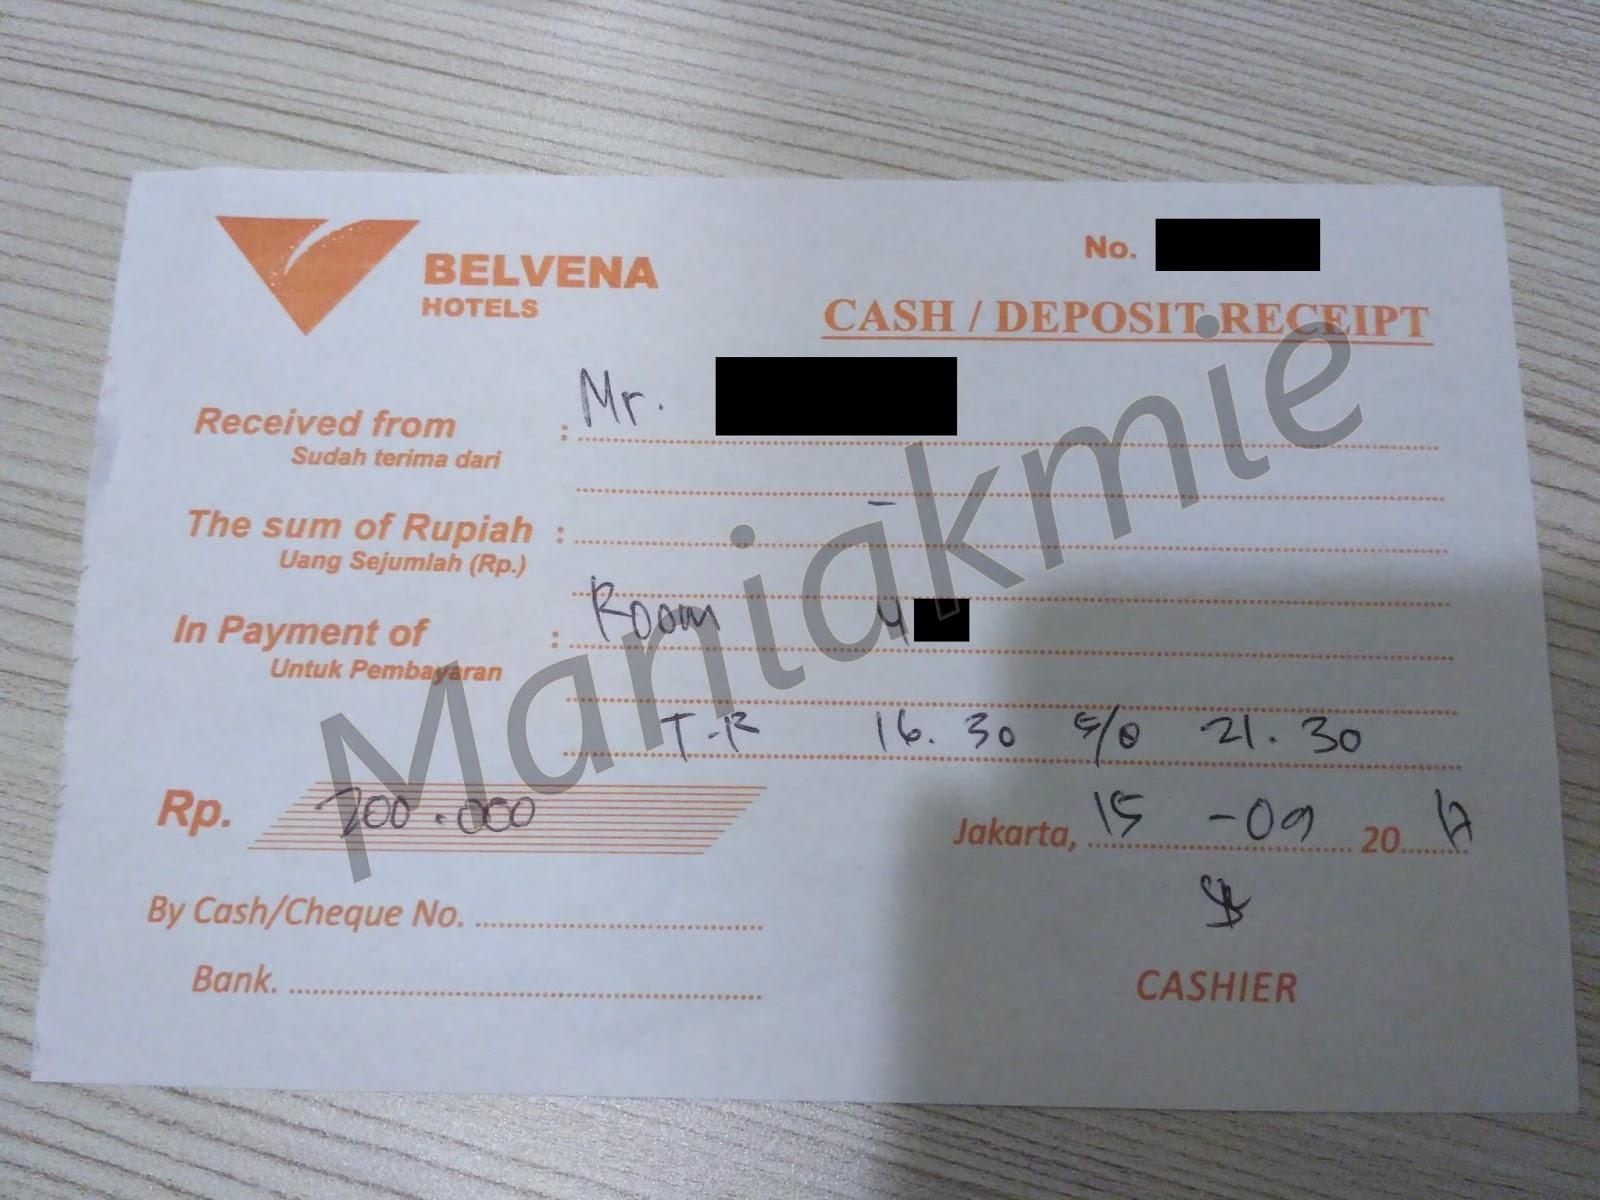 It S Me Short Time Di Hotel Belvena Mangga Besar Jakarta Barat Harga Terjangkau Kualitas Premium